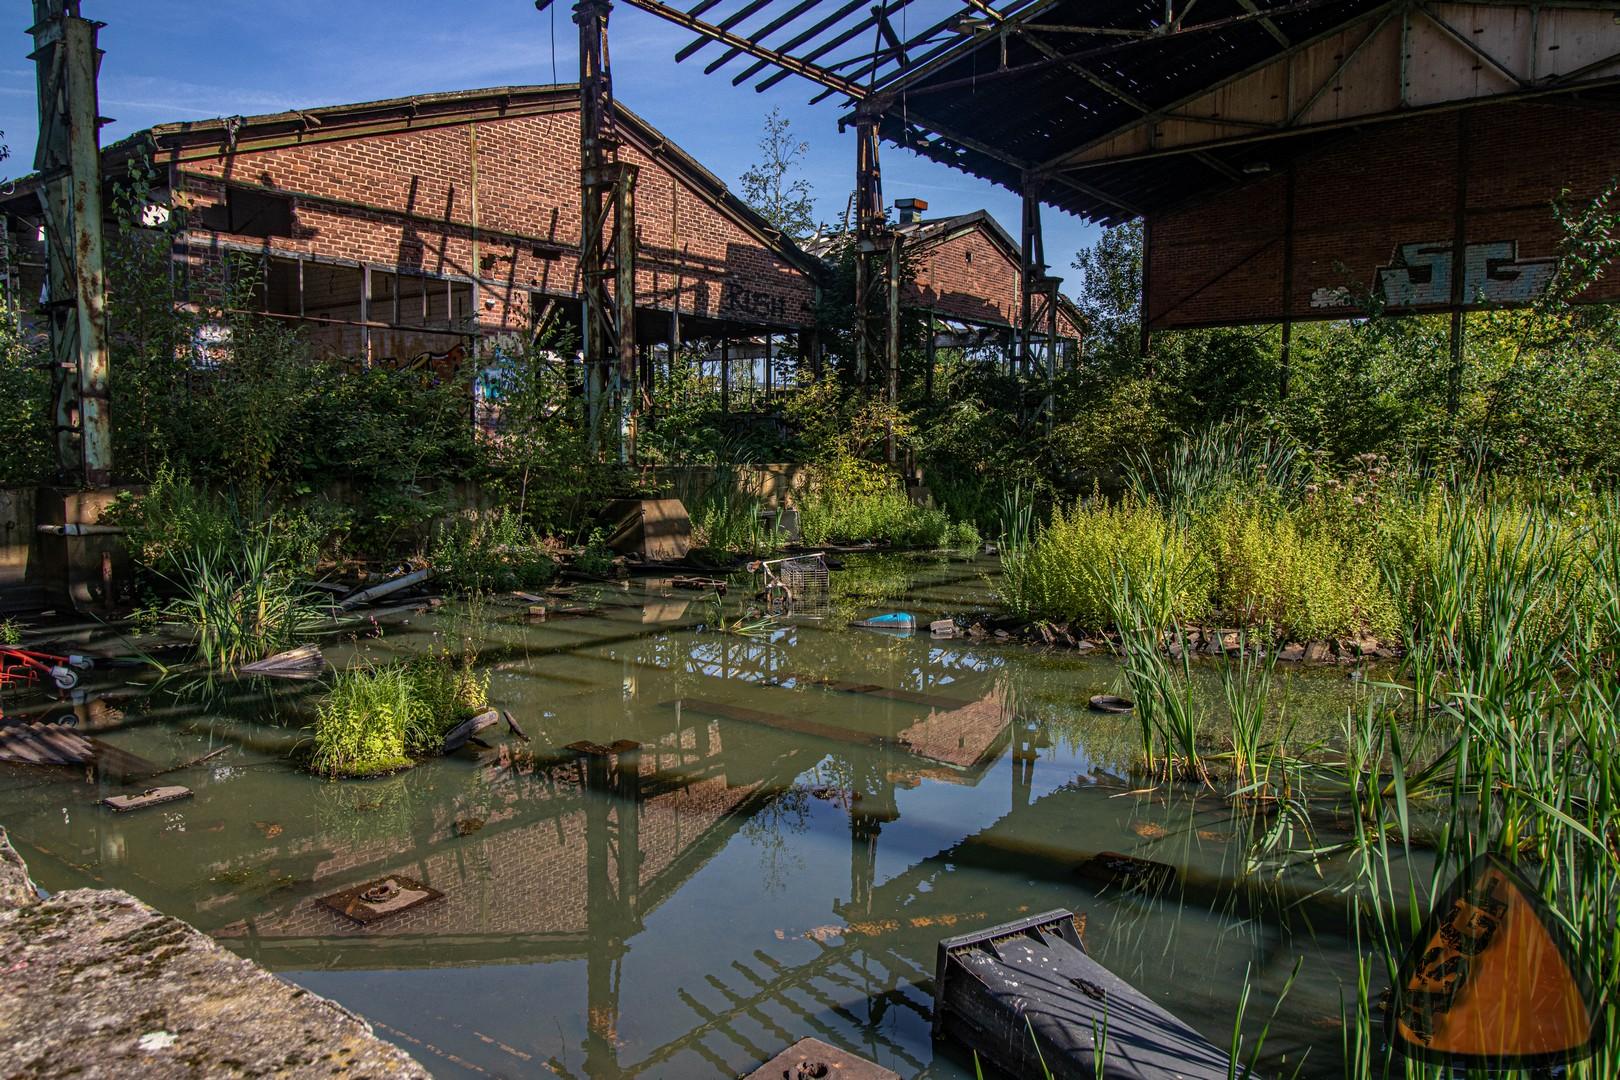 Fabrikruine mitten in der Großstadt